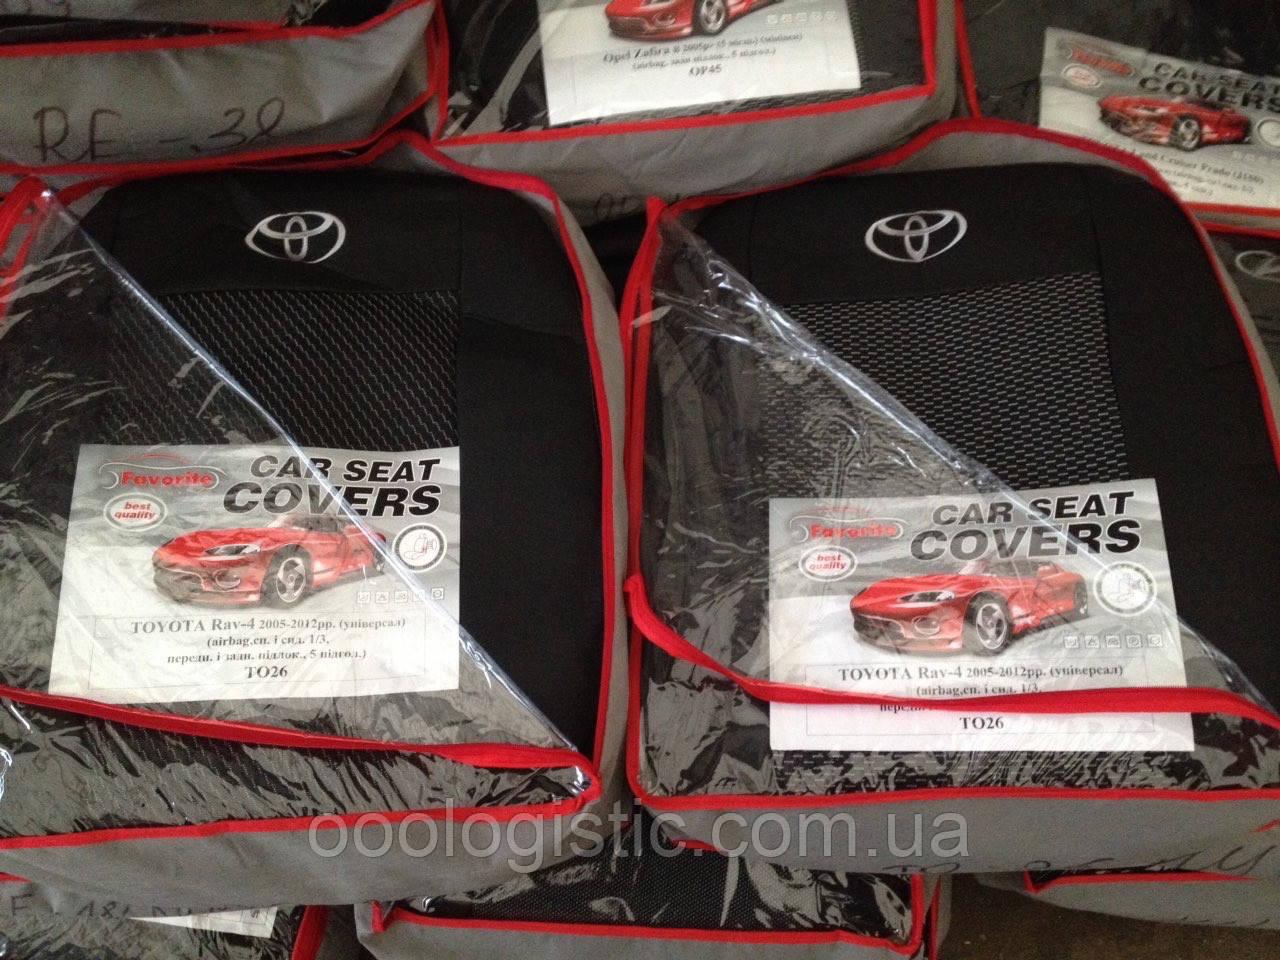 Авточехлы  на Toyota RAV 4 2005-2012 универсал,Тойота Рав 4 2005-2012 универсал